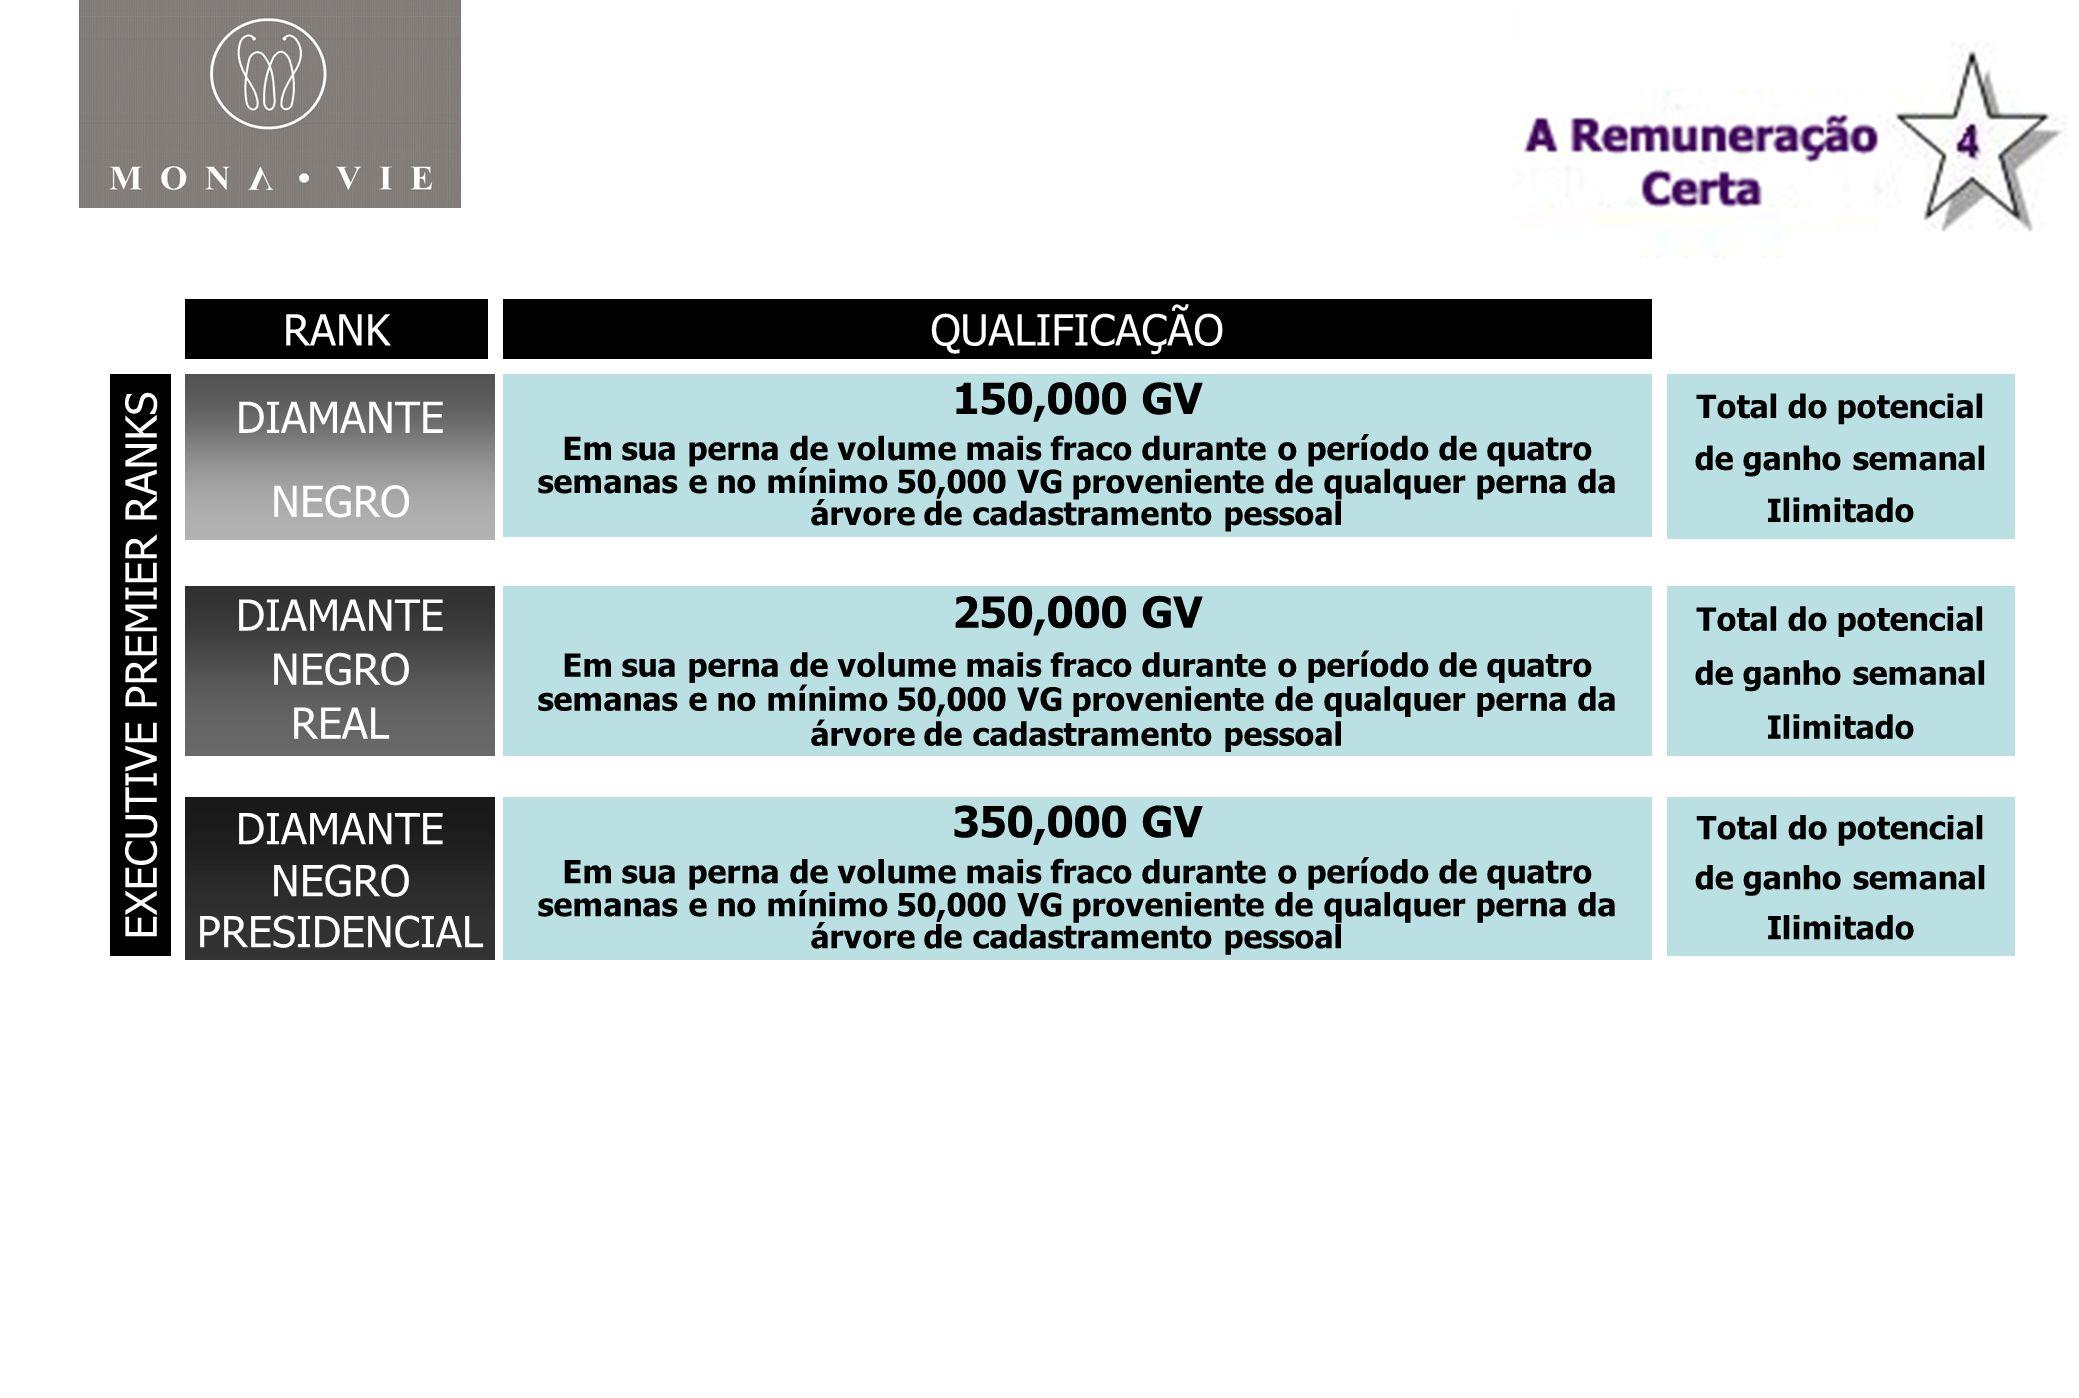 RANK MONAVIE RANK QUALIFICAÇÃO DIAMANTE NEGRO 150,000 GV